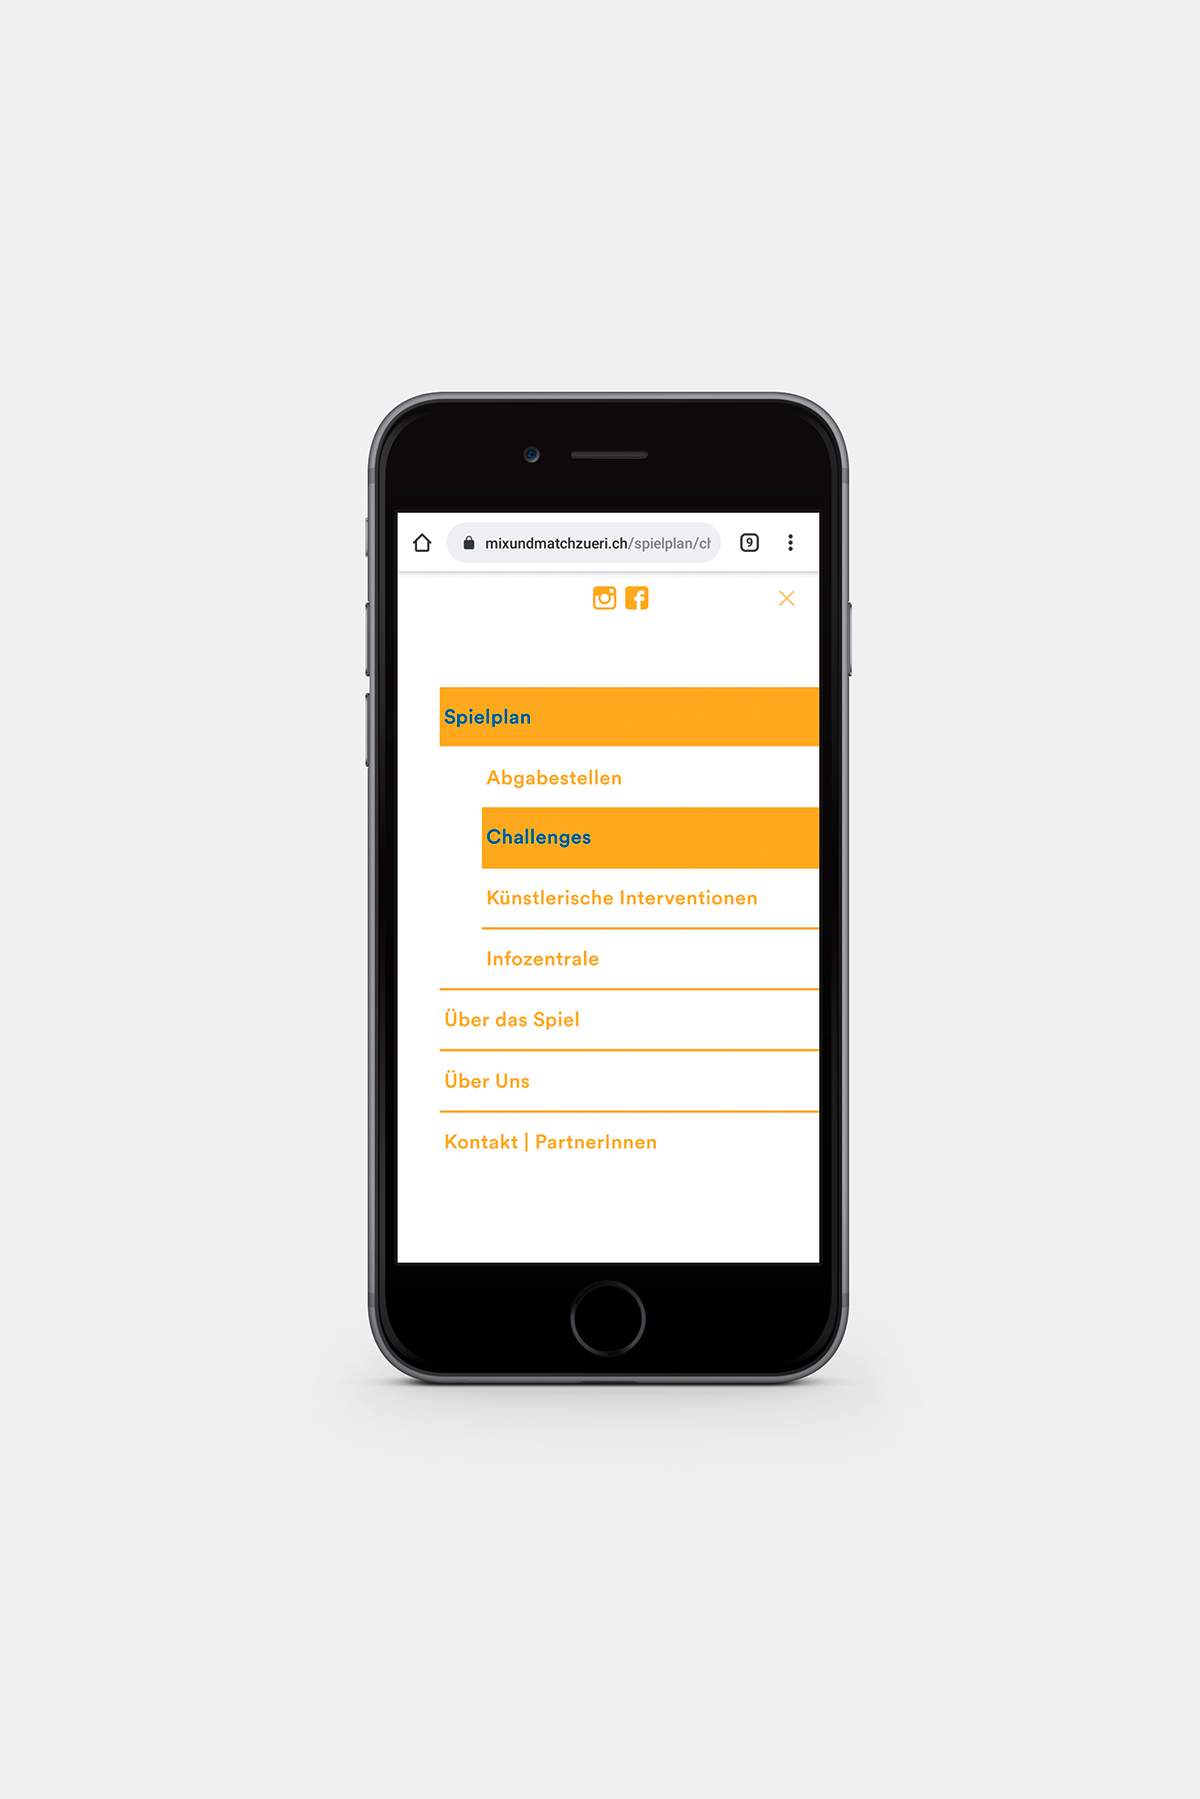 Mix und Match Webseite Smartphone